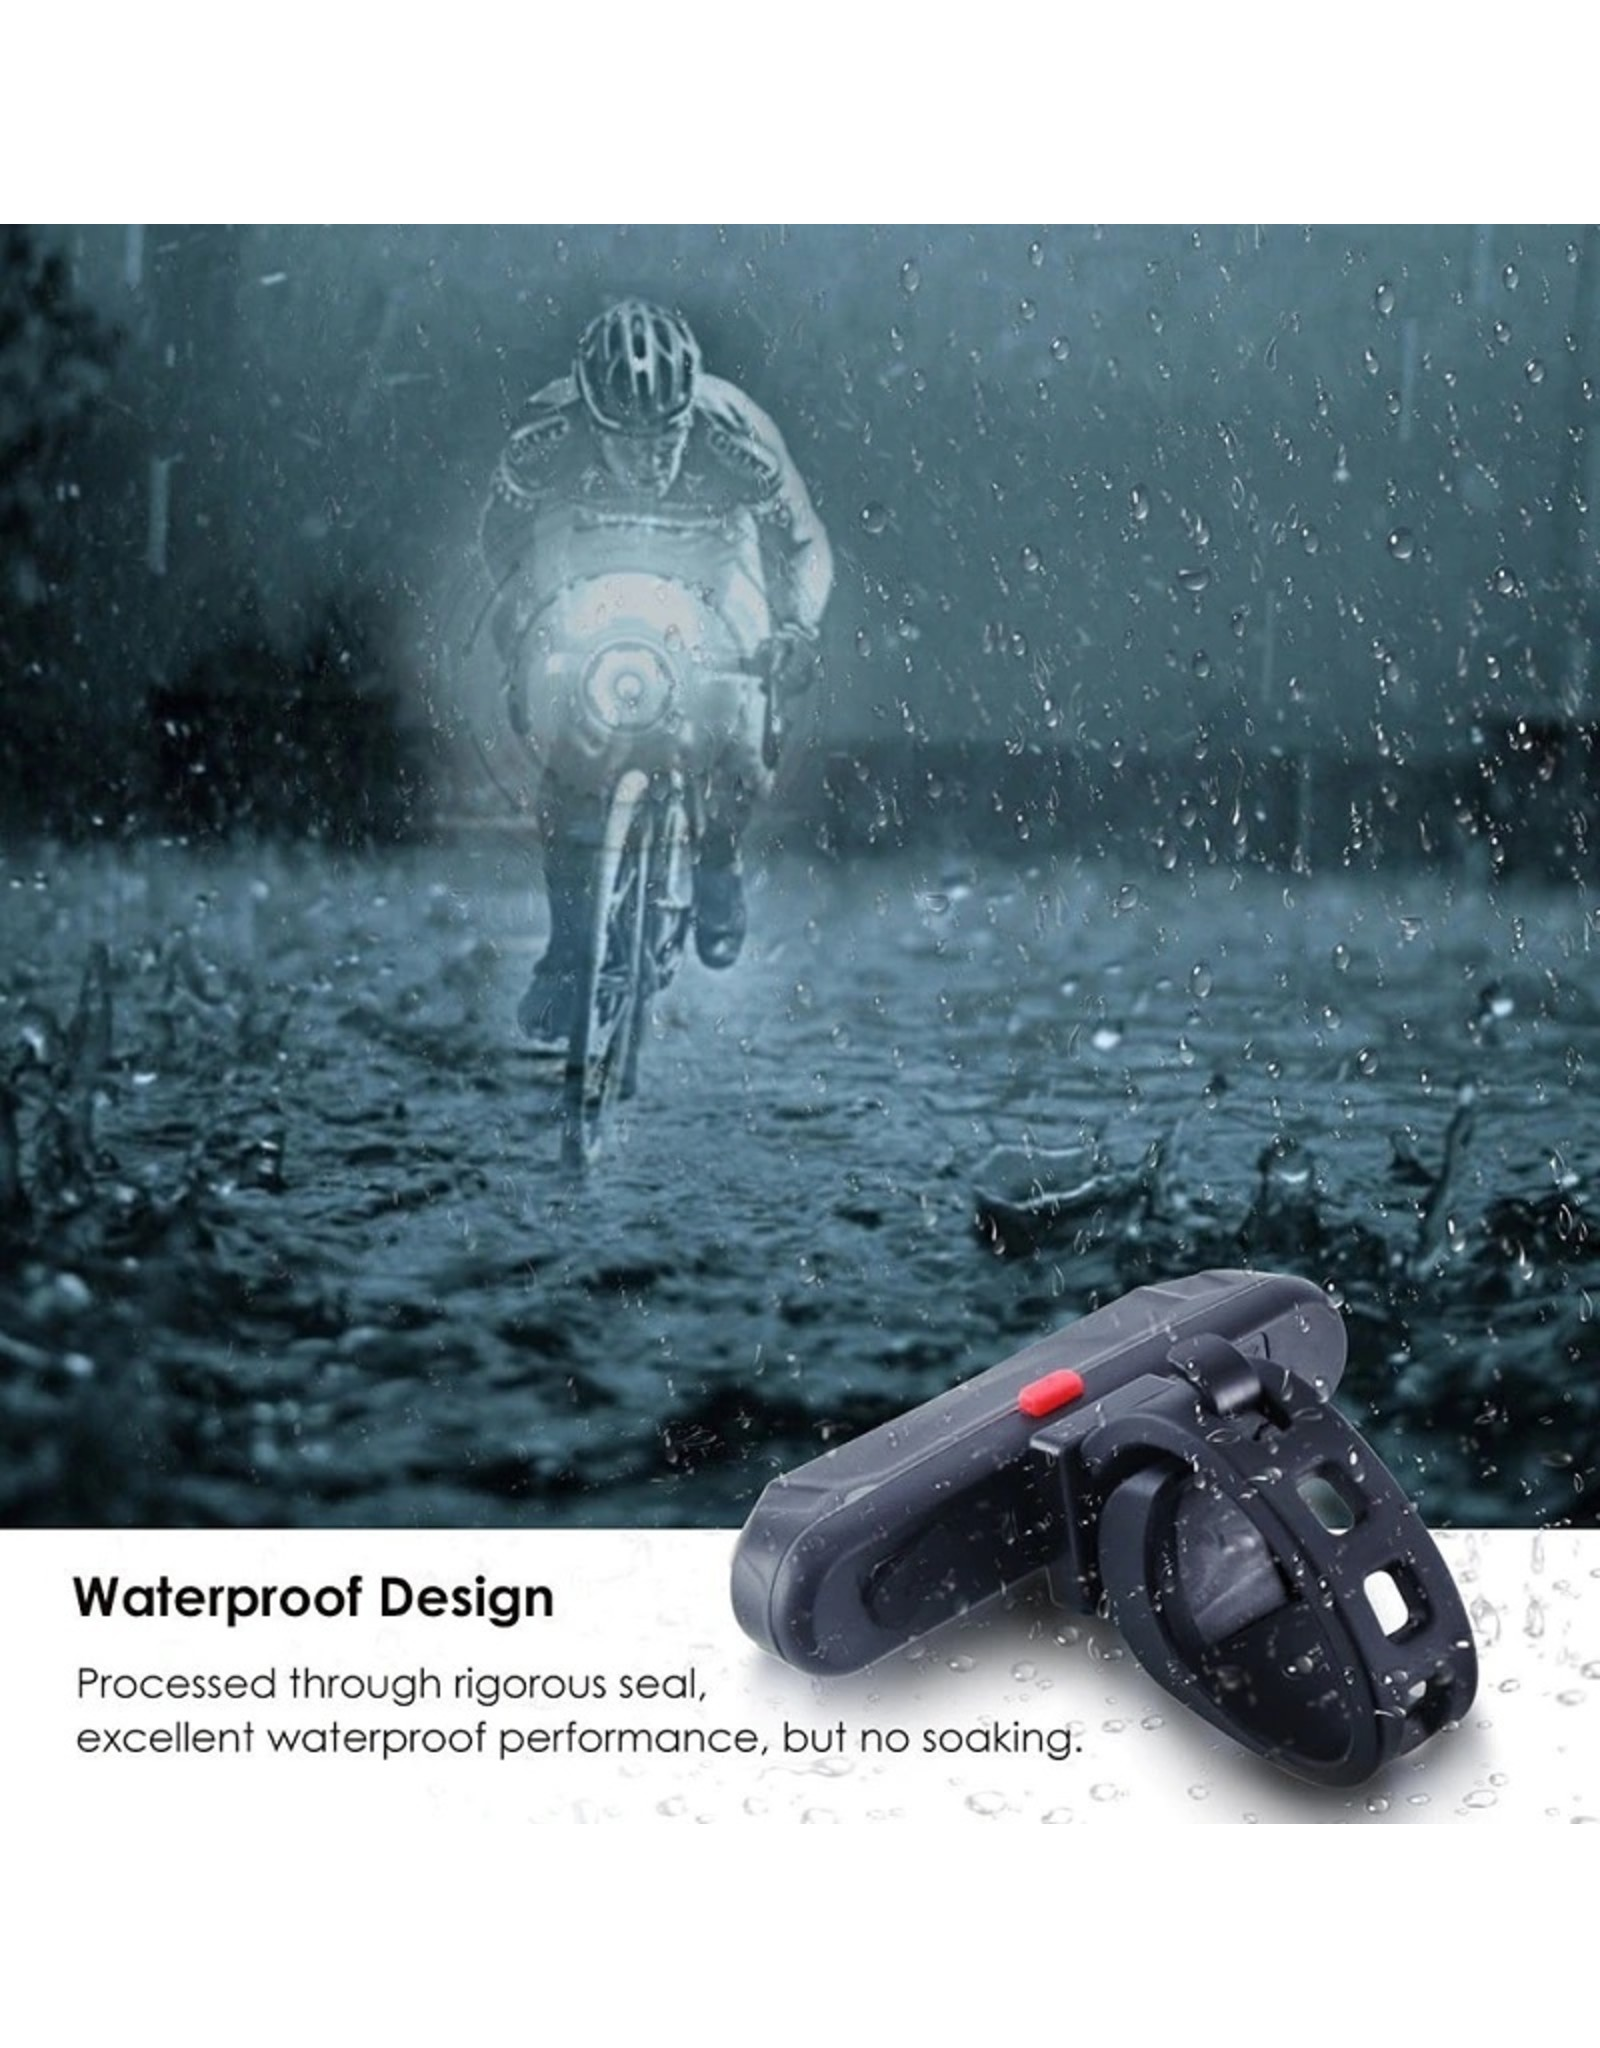 Fiets achterlicht USB oplaadbare waarschuwingslamp Waterdicht Super helder licht voor fietsen